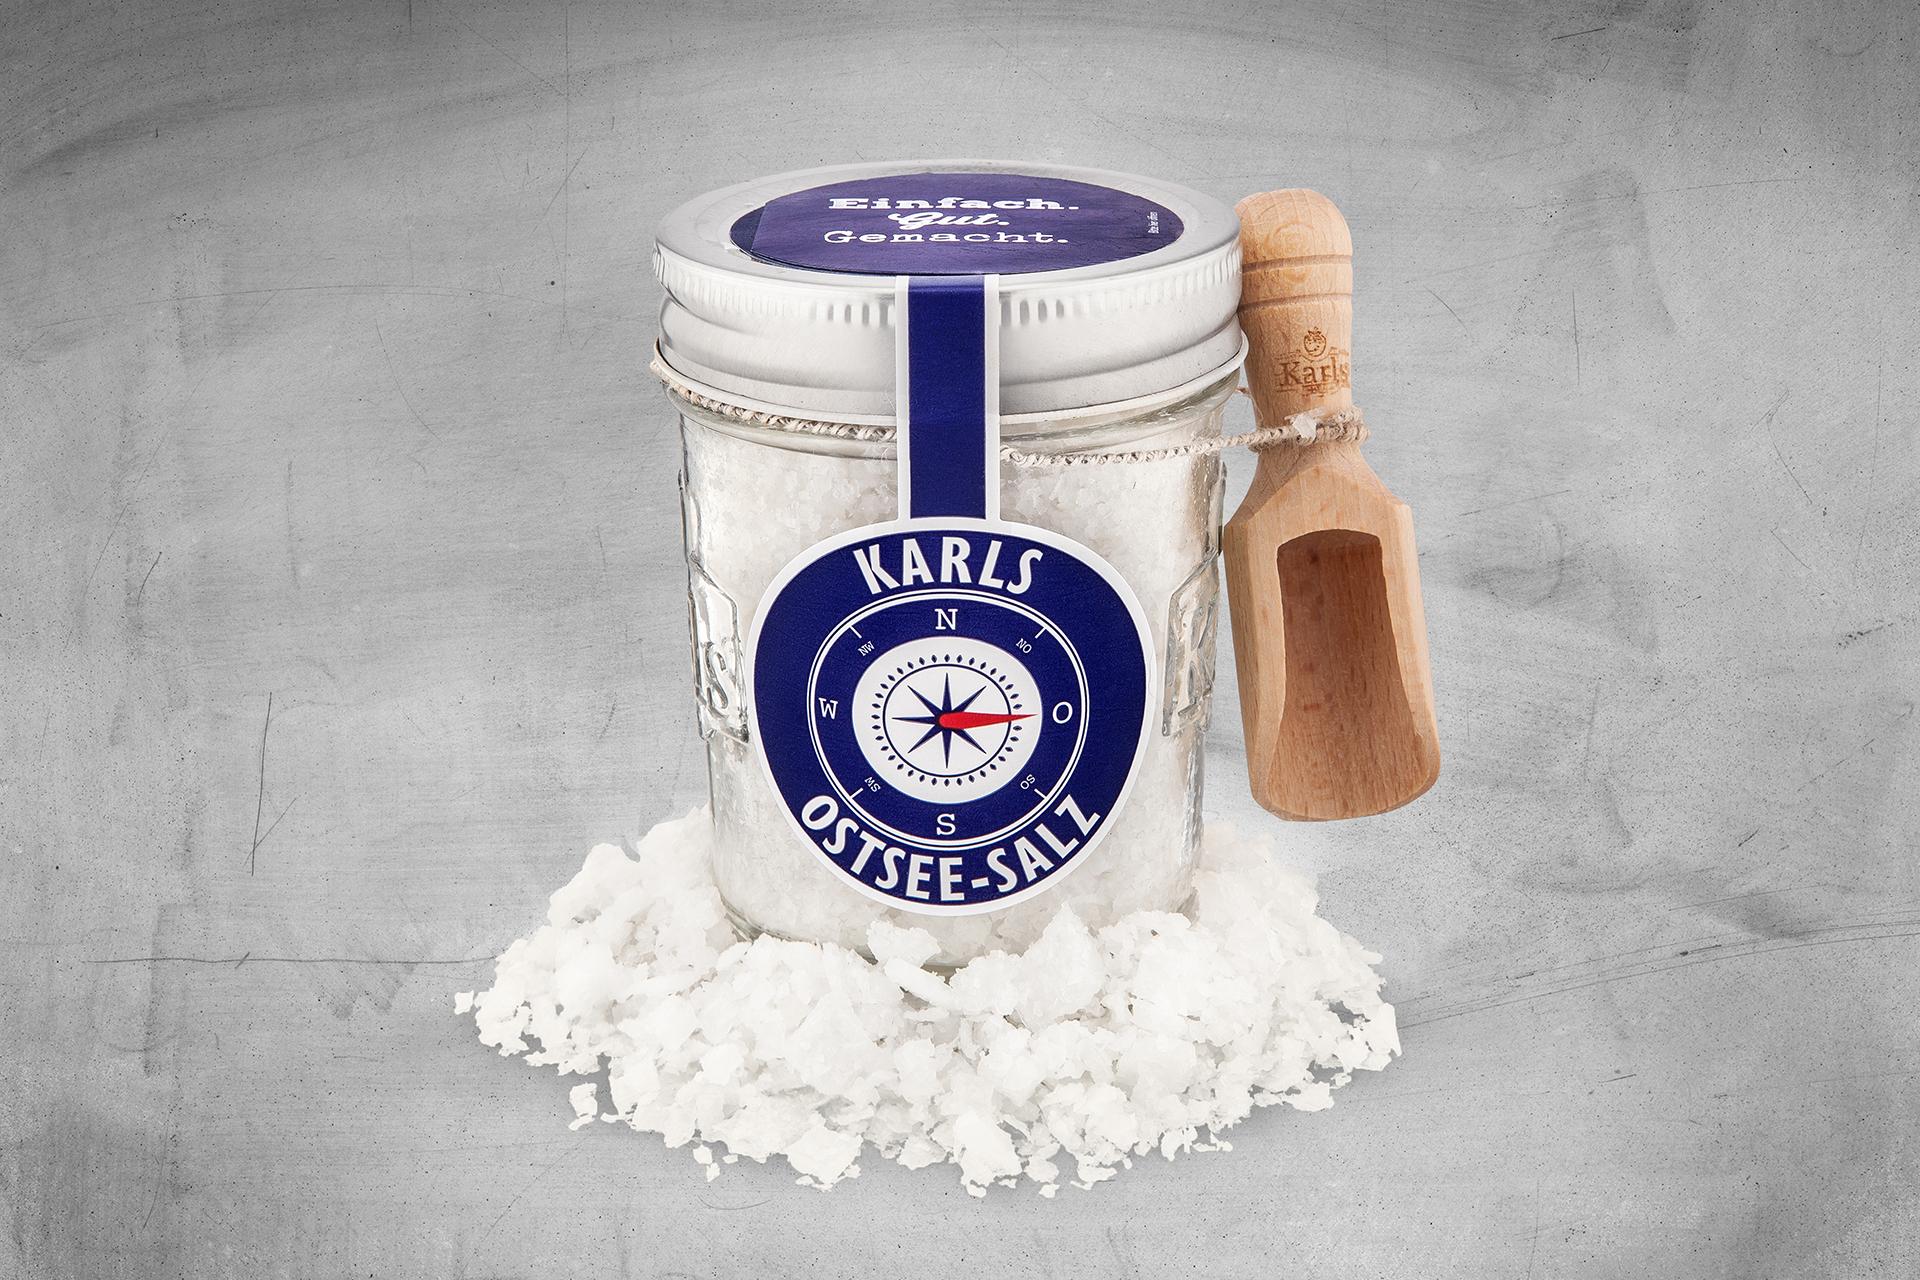 Ein Glas Ostsee-Salz aus Karls Manufaktur